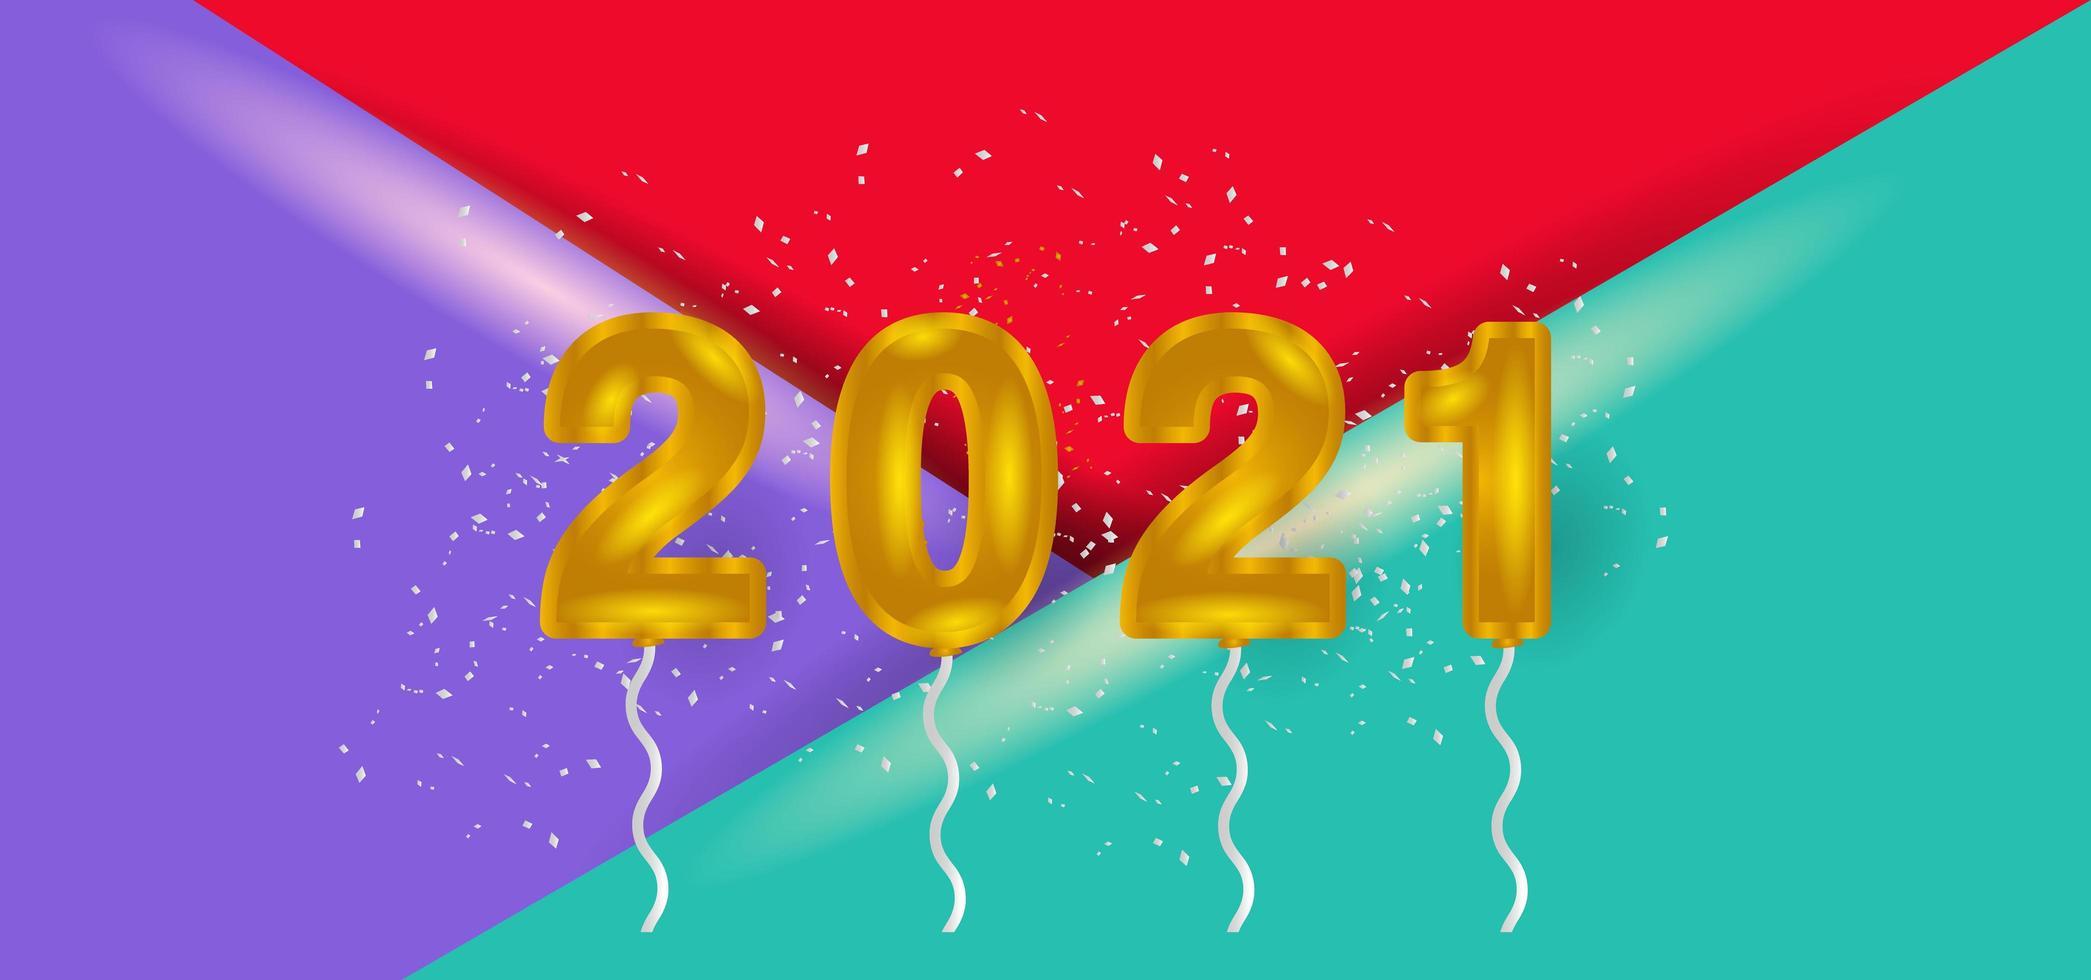 gouden 2021 ballonnen op kleurrijke glanzende driehoeken vector